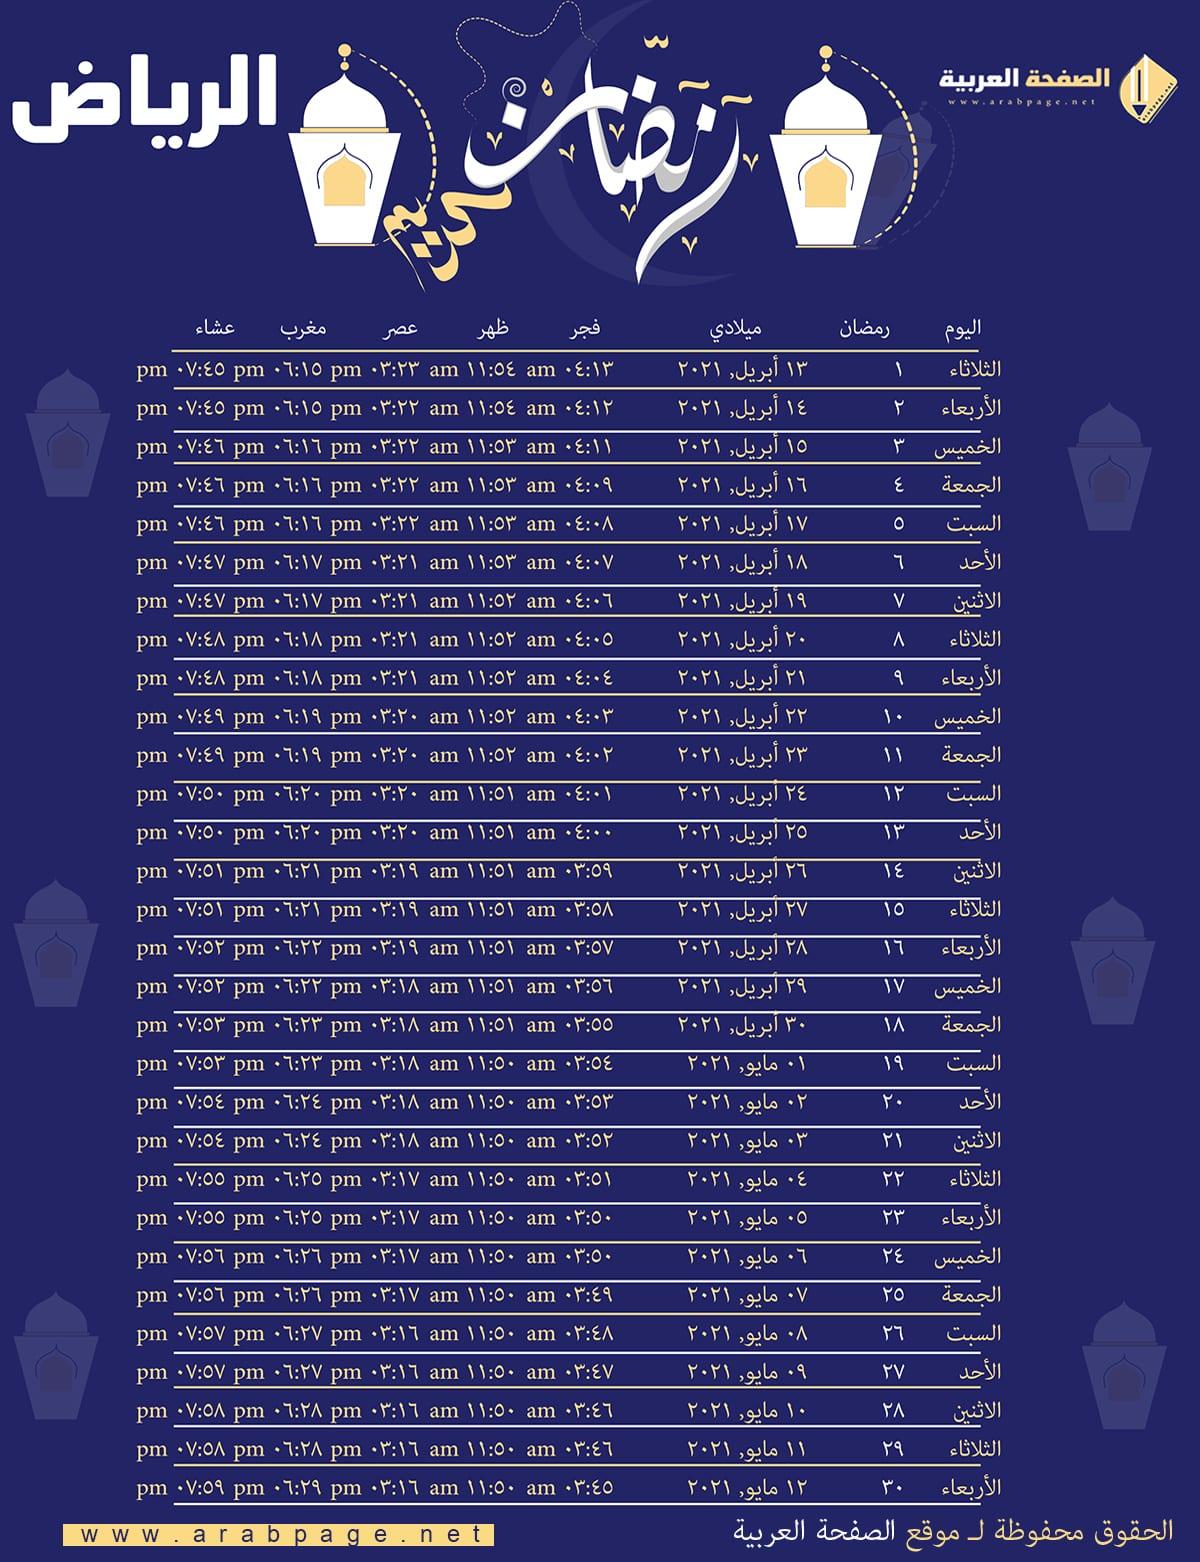 امساكية رمضان 2021 في الرياض